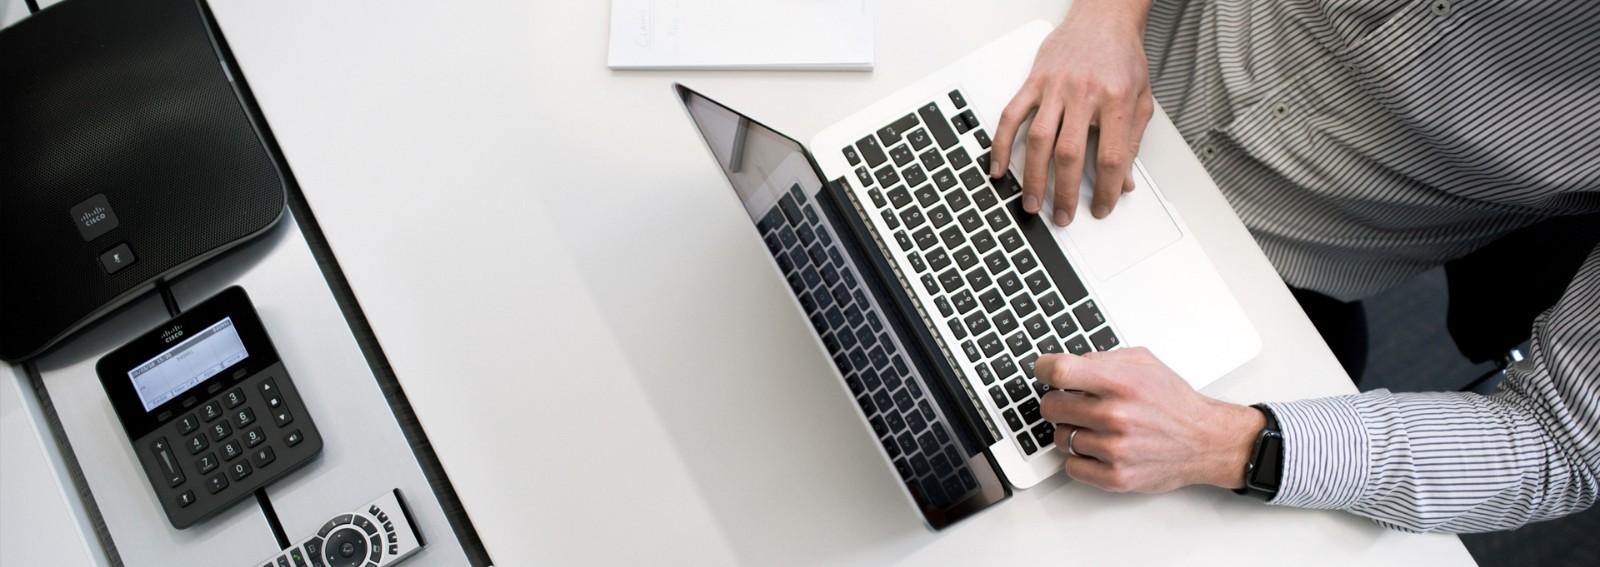 松石网络科技在品牌网站建设上的解决方案